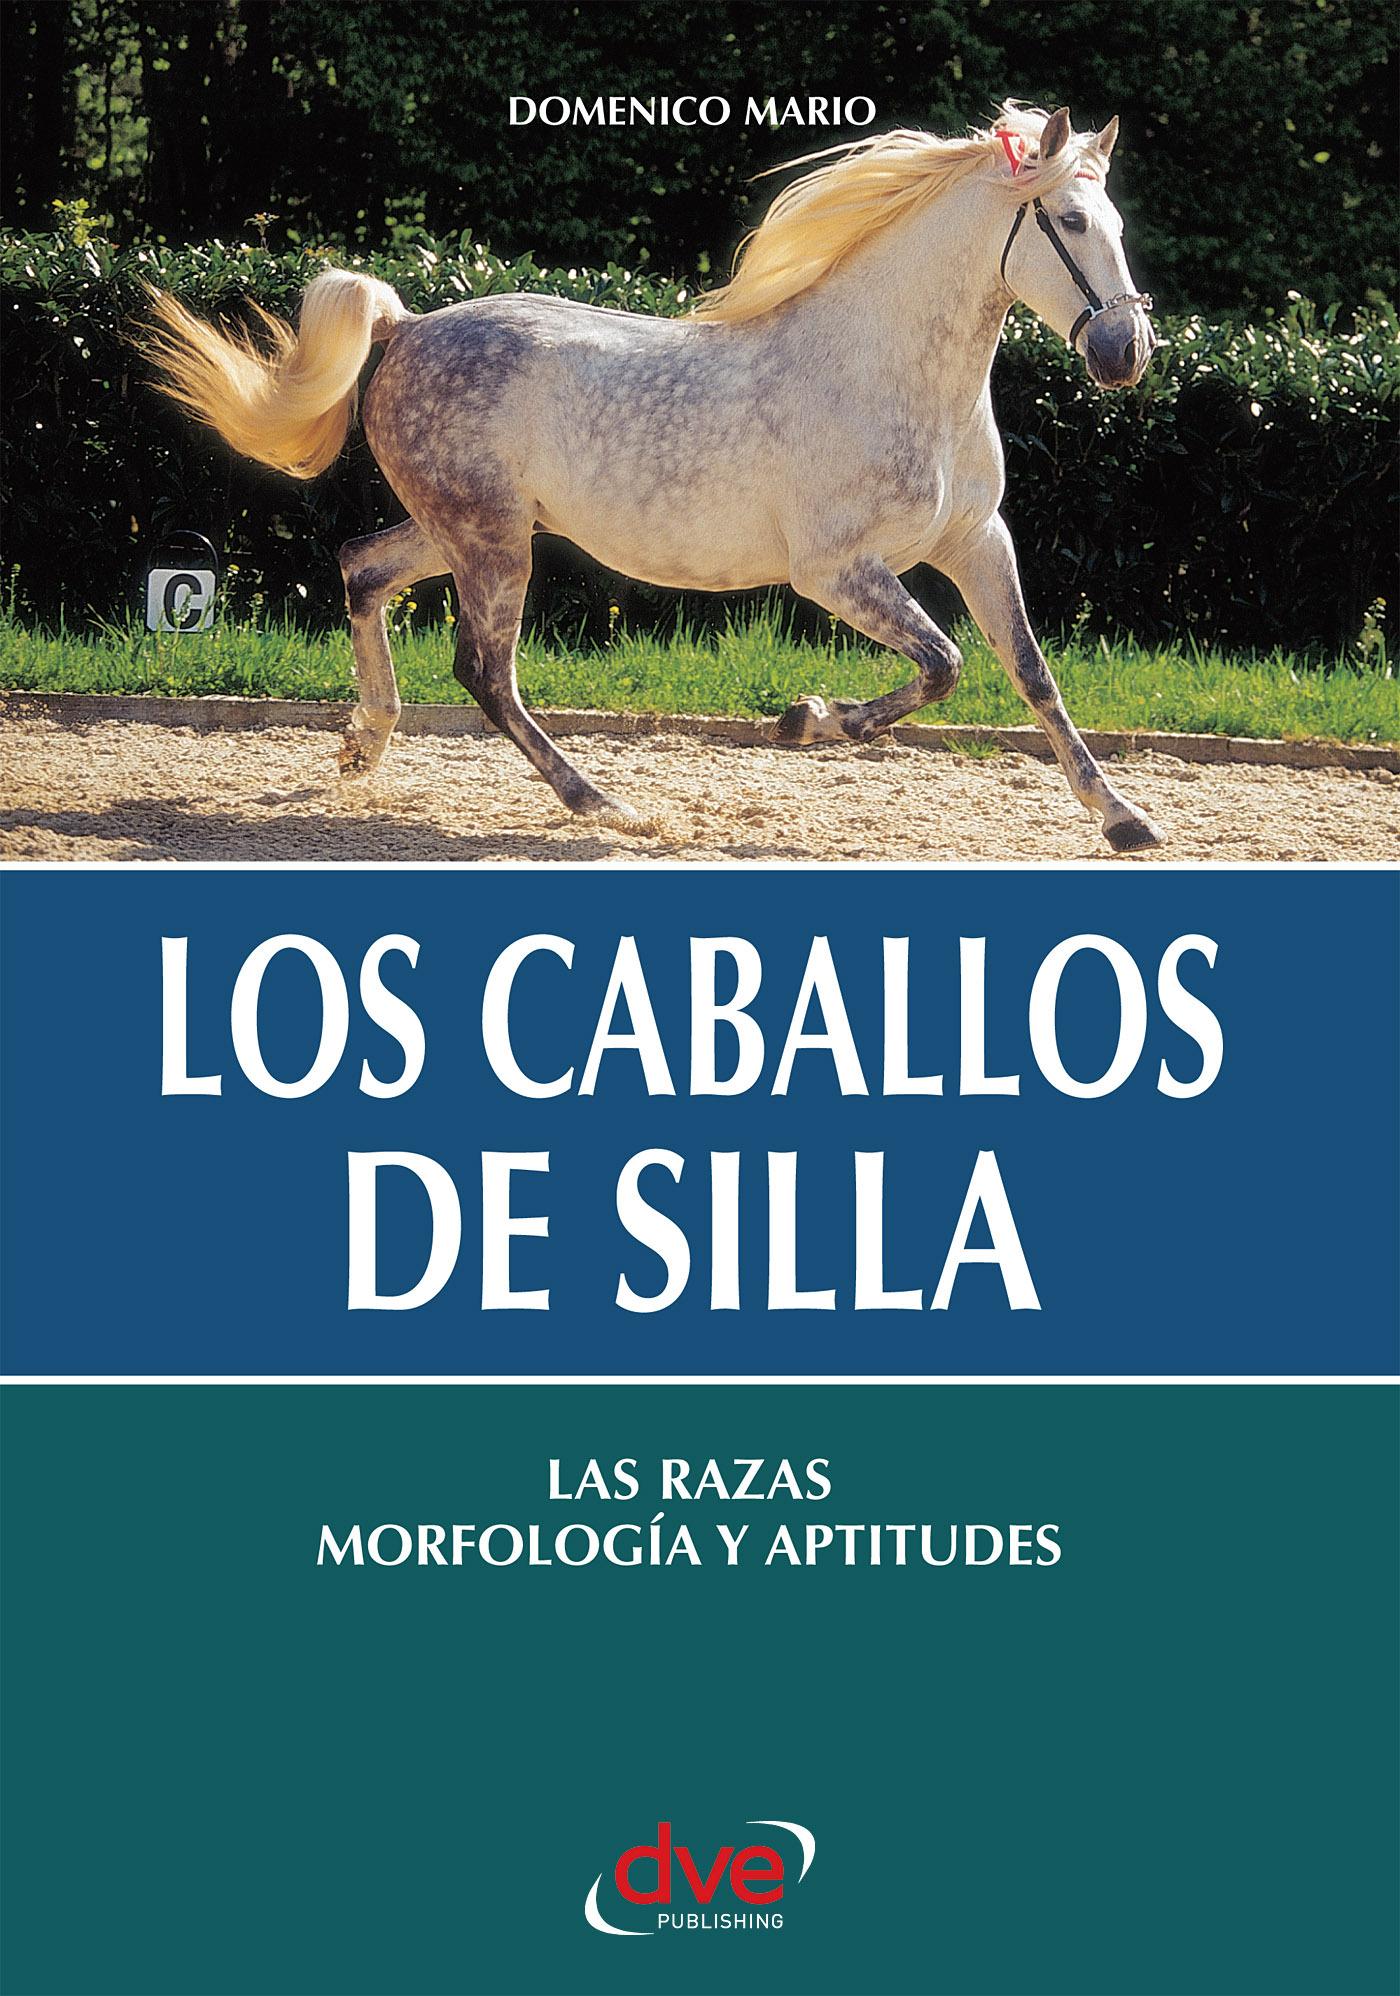 Mario, Domenico - Los caballos de silla. Las razas morfología y aptitudes, ebook